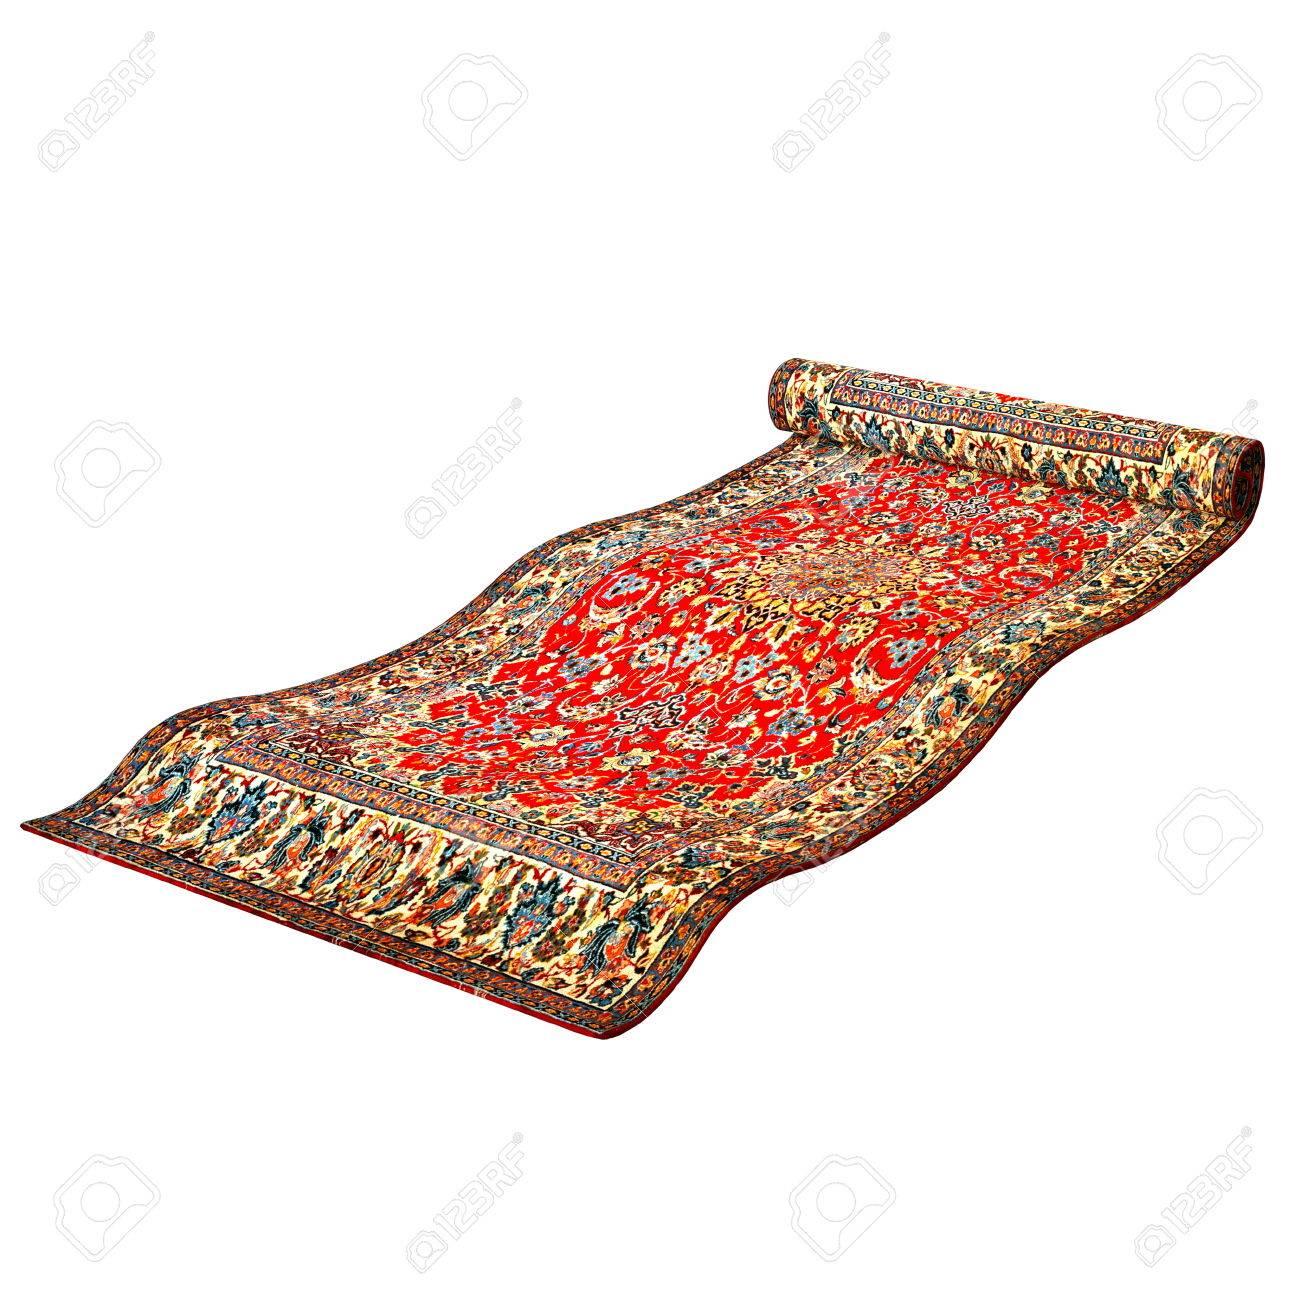 magic carpet - 52943617